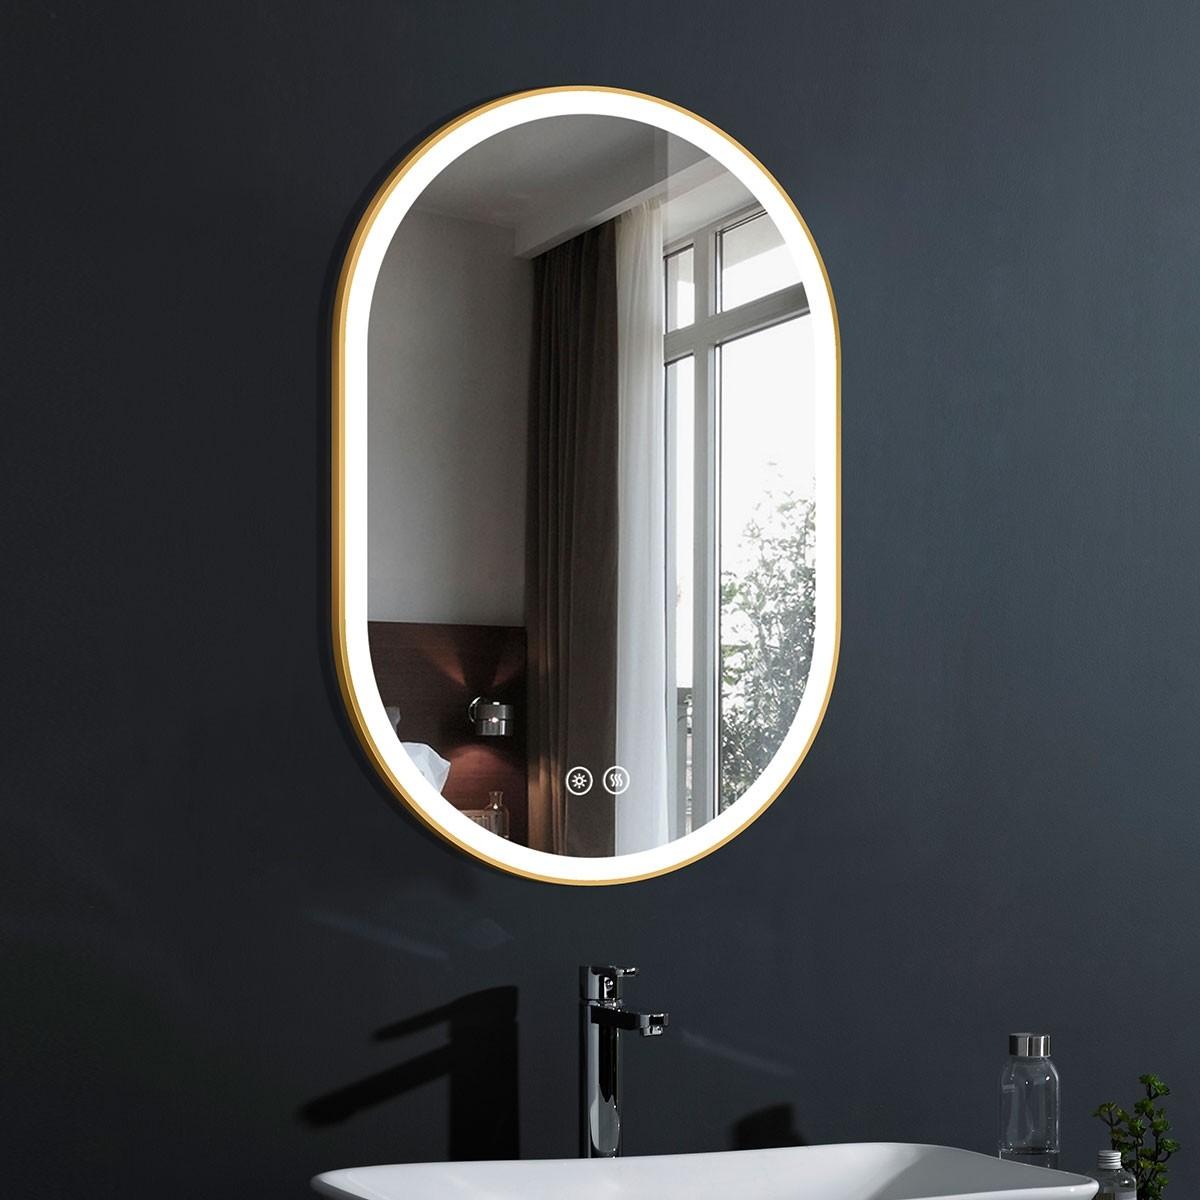 DECORAPORT 24 x 36 Po Miroir de Salle de Bain LED avec Bouton Tactile, Cadre Doré, Anti-Buée, Luminosité Réglable, Montage Vertical & Horizontal (D1301-2436)